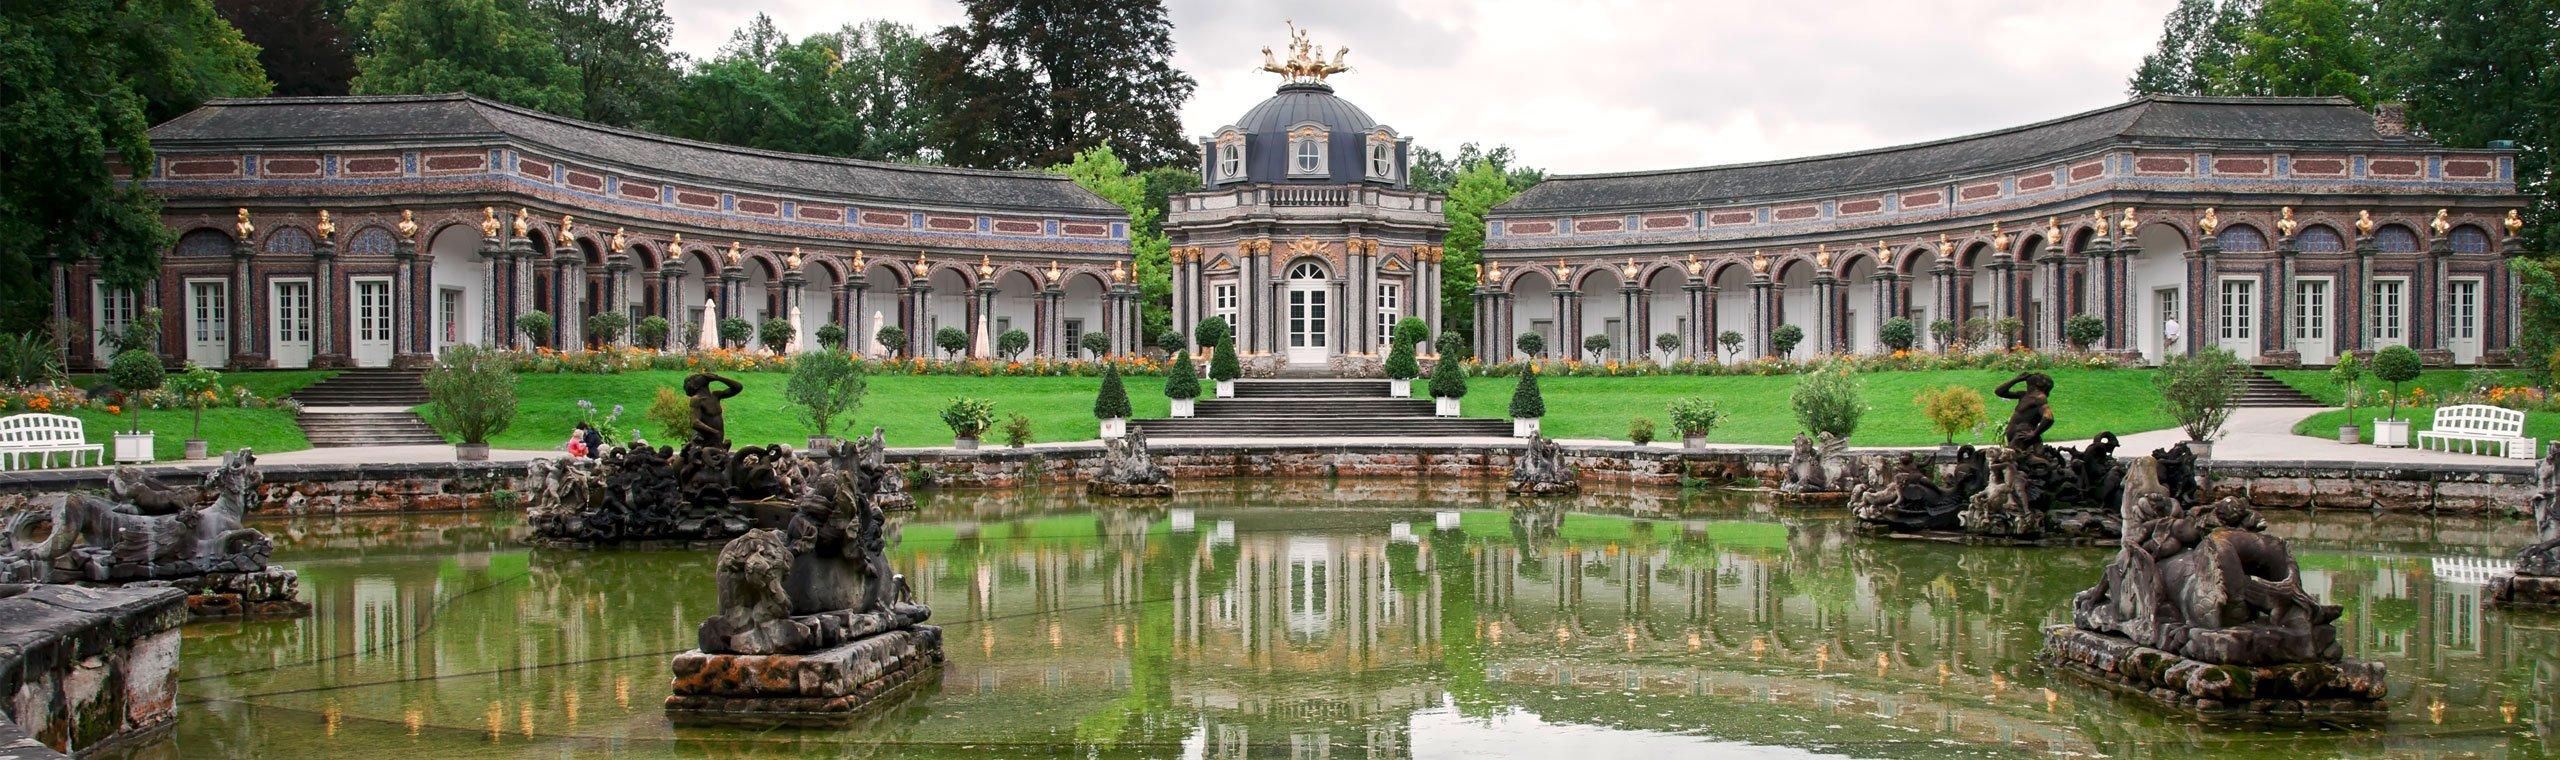 Die Eremitage Bayreuth mit brunnen